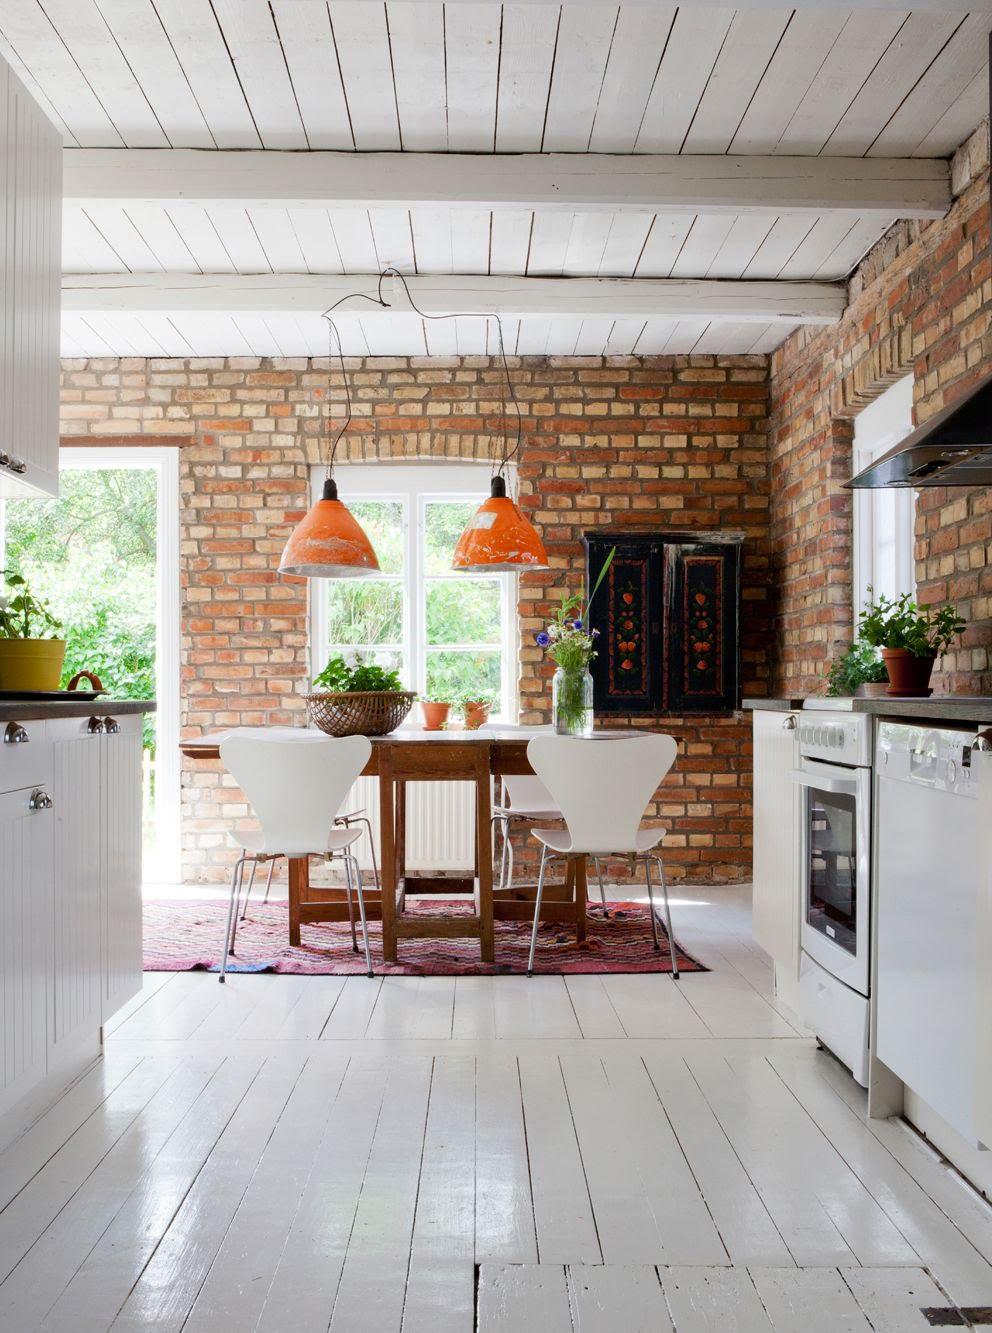 cegła w kuchni, cegła na ścianie, cegła w kawiarni, ściana z cegły, kuchnia, kitchen, design, kitchen design, styl prowansalski, kuchnia w stylu prowansalskim, kuchnia w stylu skandynawskim, scandinavian kitchen, scandi kitchen, skandynawska kuchnia, biała kuchnia z brązowymi blatami, biała kuchnia z drewnianymi blatami, drewniany blat w kuchni, biało drewniania kuchnia